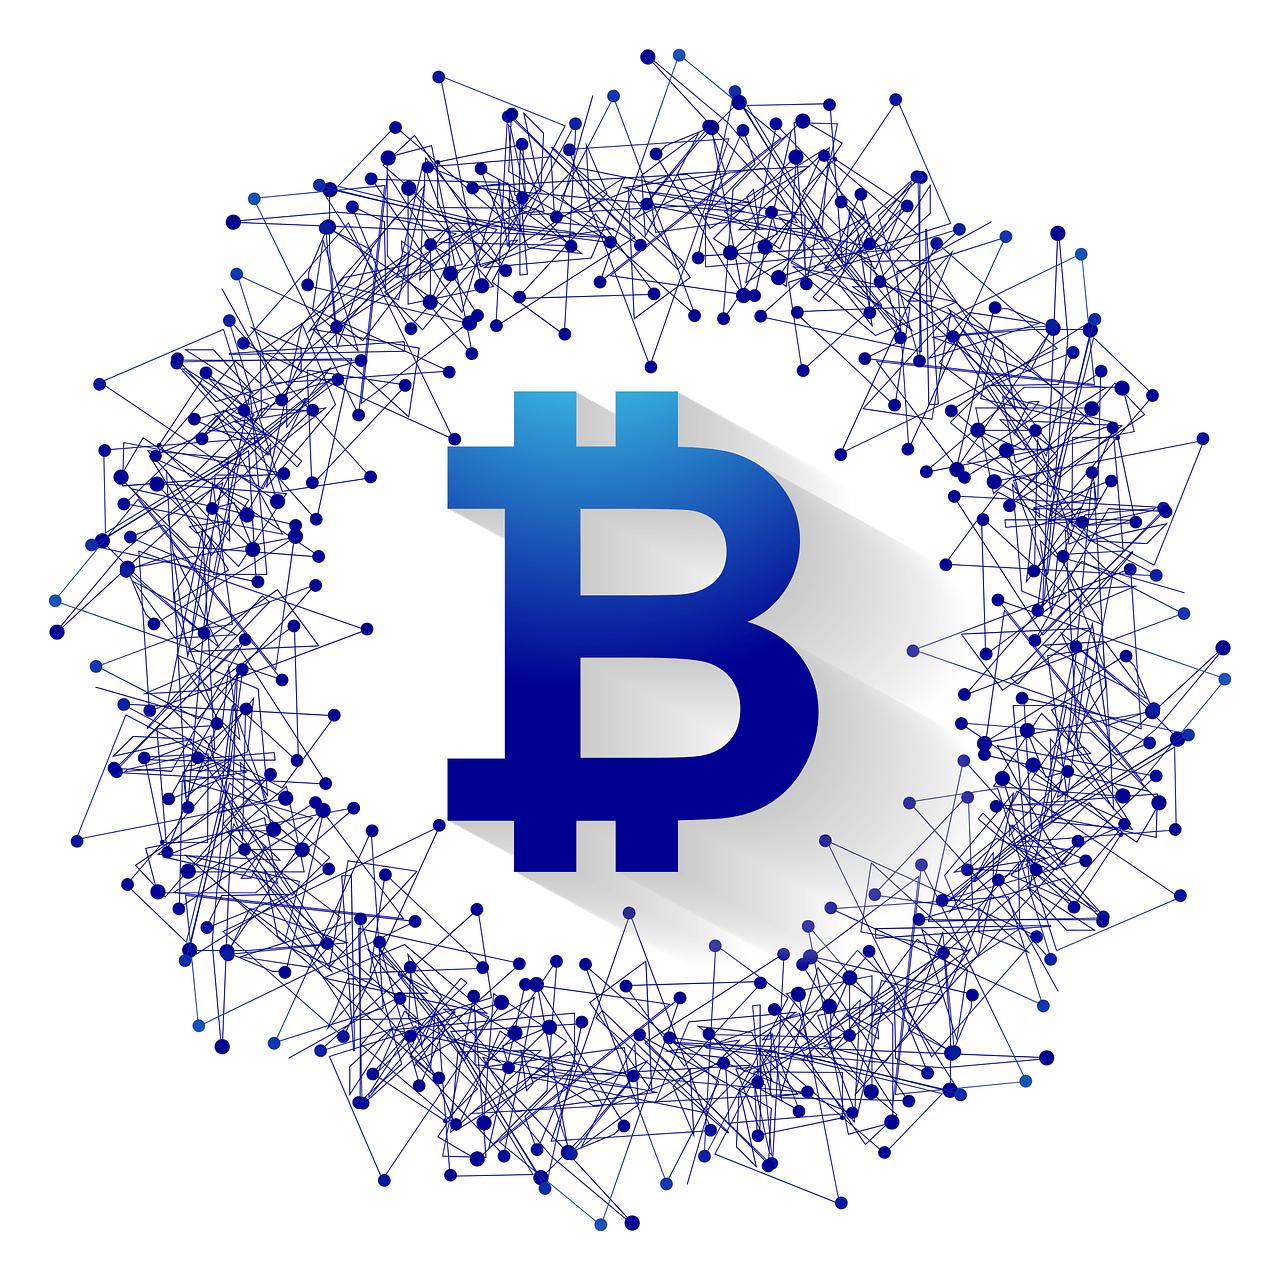 Bitcoin Nachhaltigkeit, Stromverbrauch,Umweltsünde oder Nachhaltig ? CO2 Abdruck